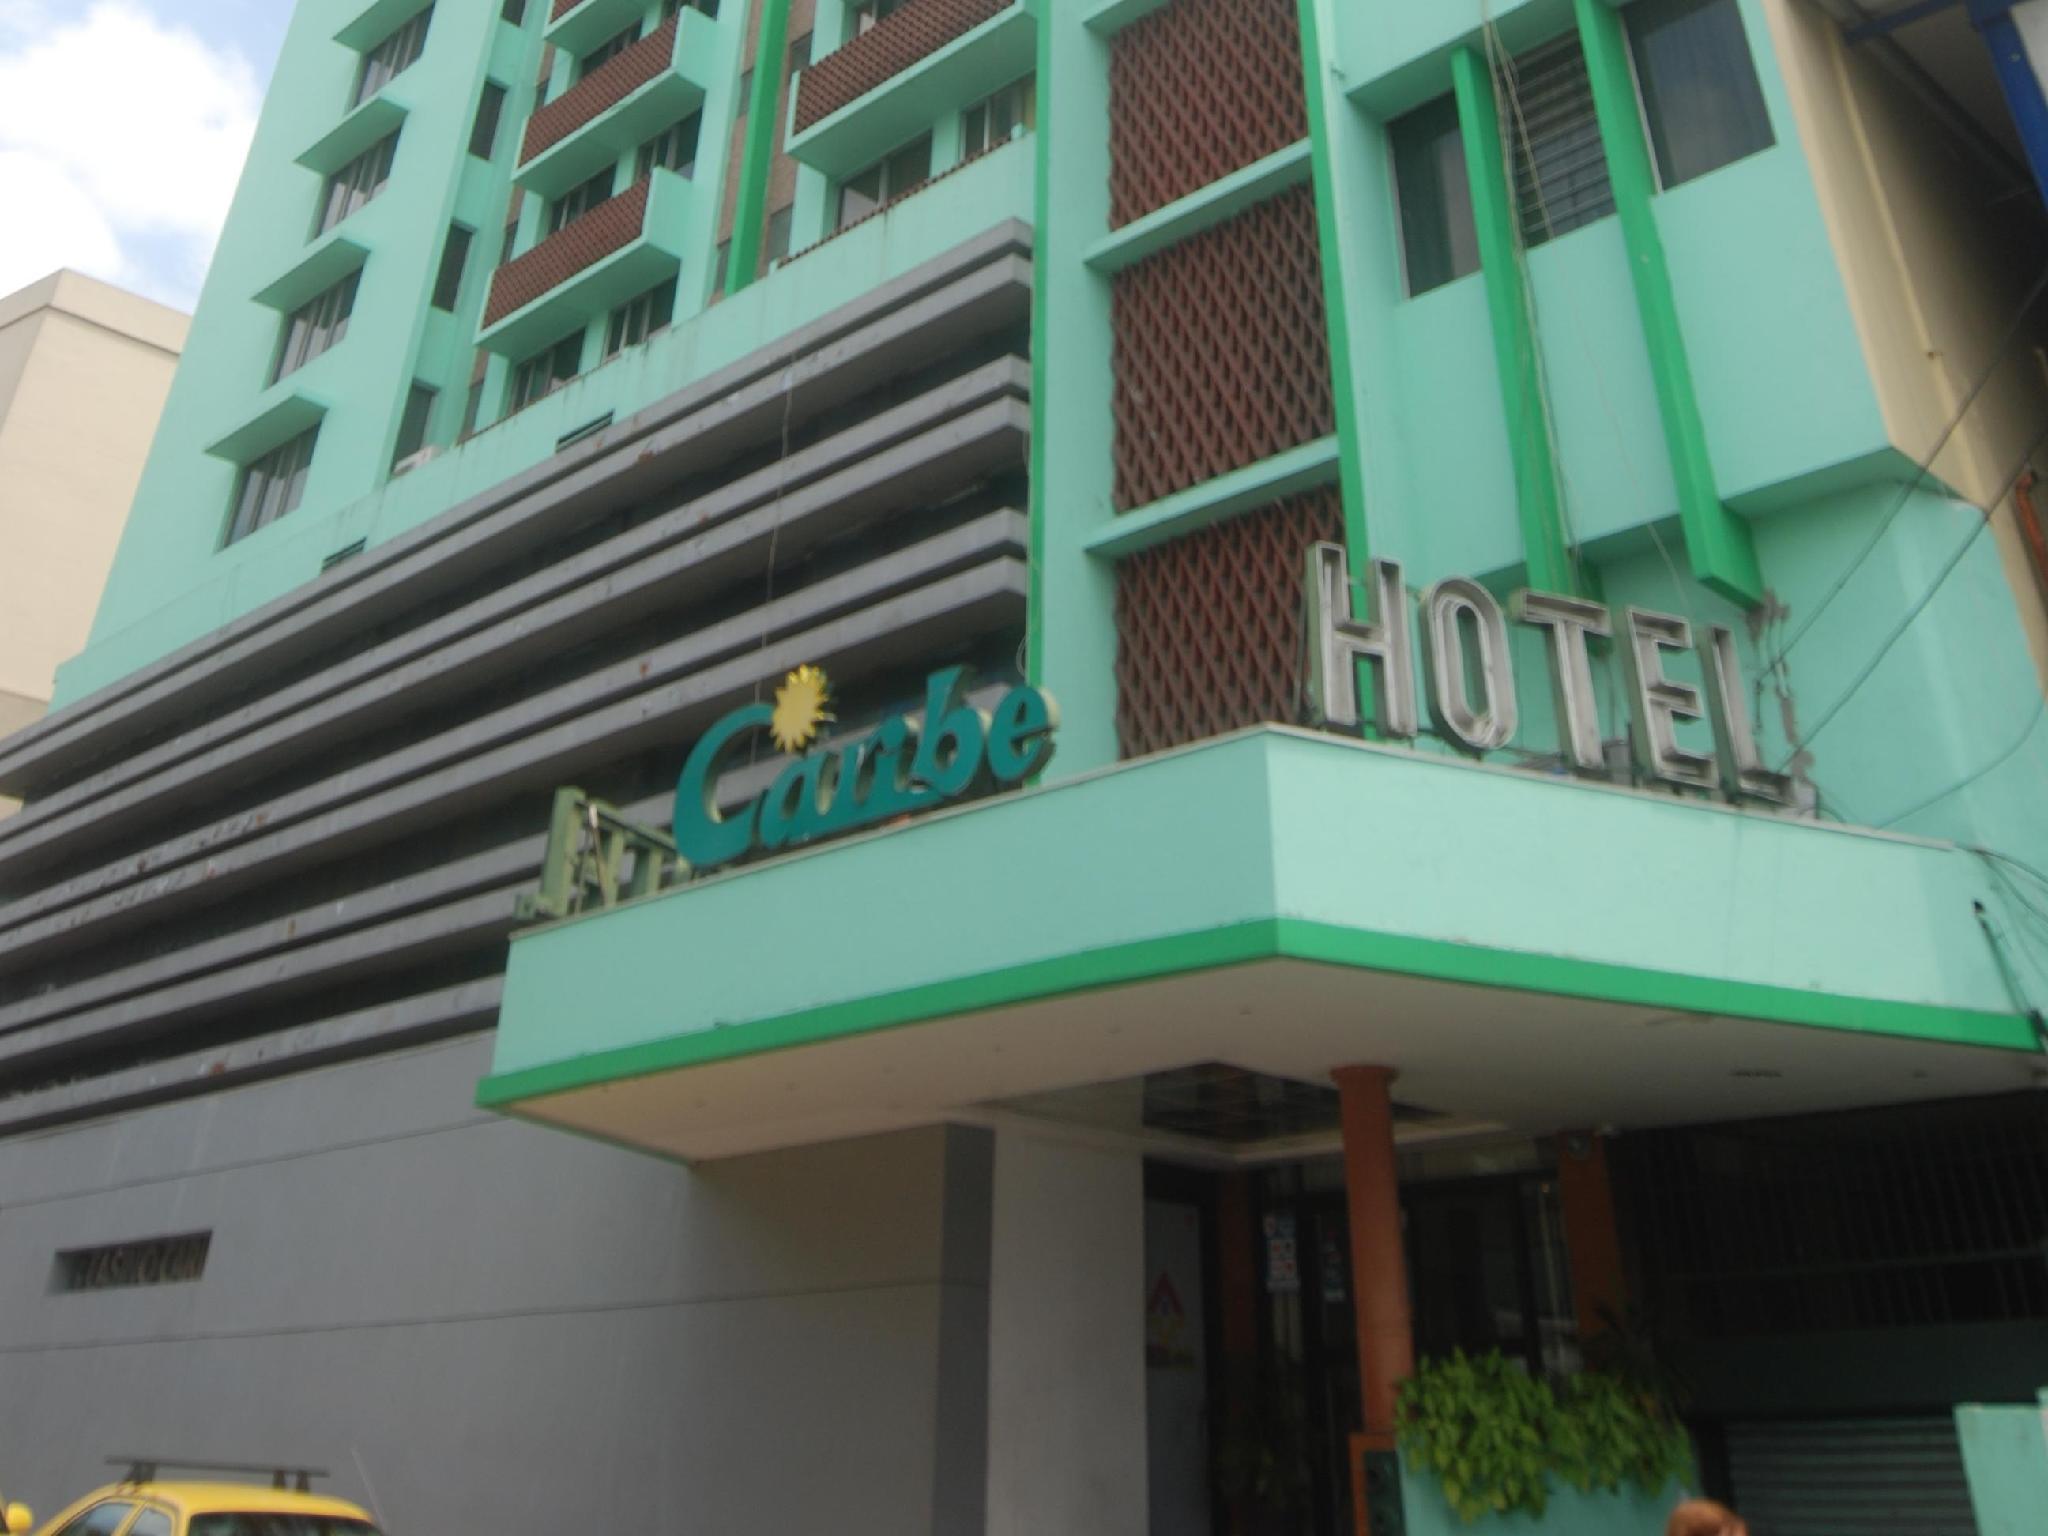 Hotel Caribe Panama